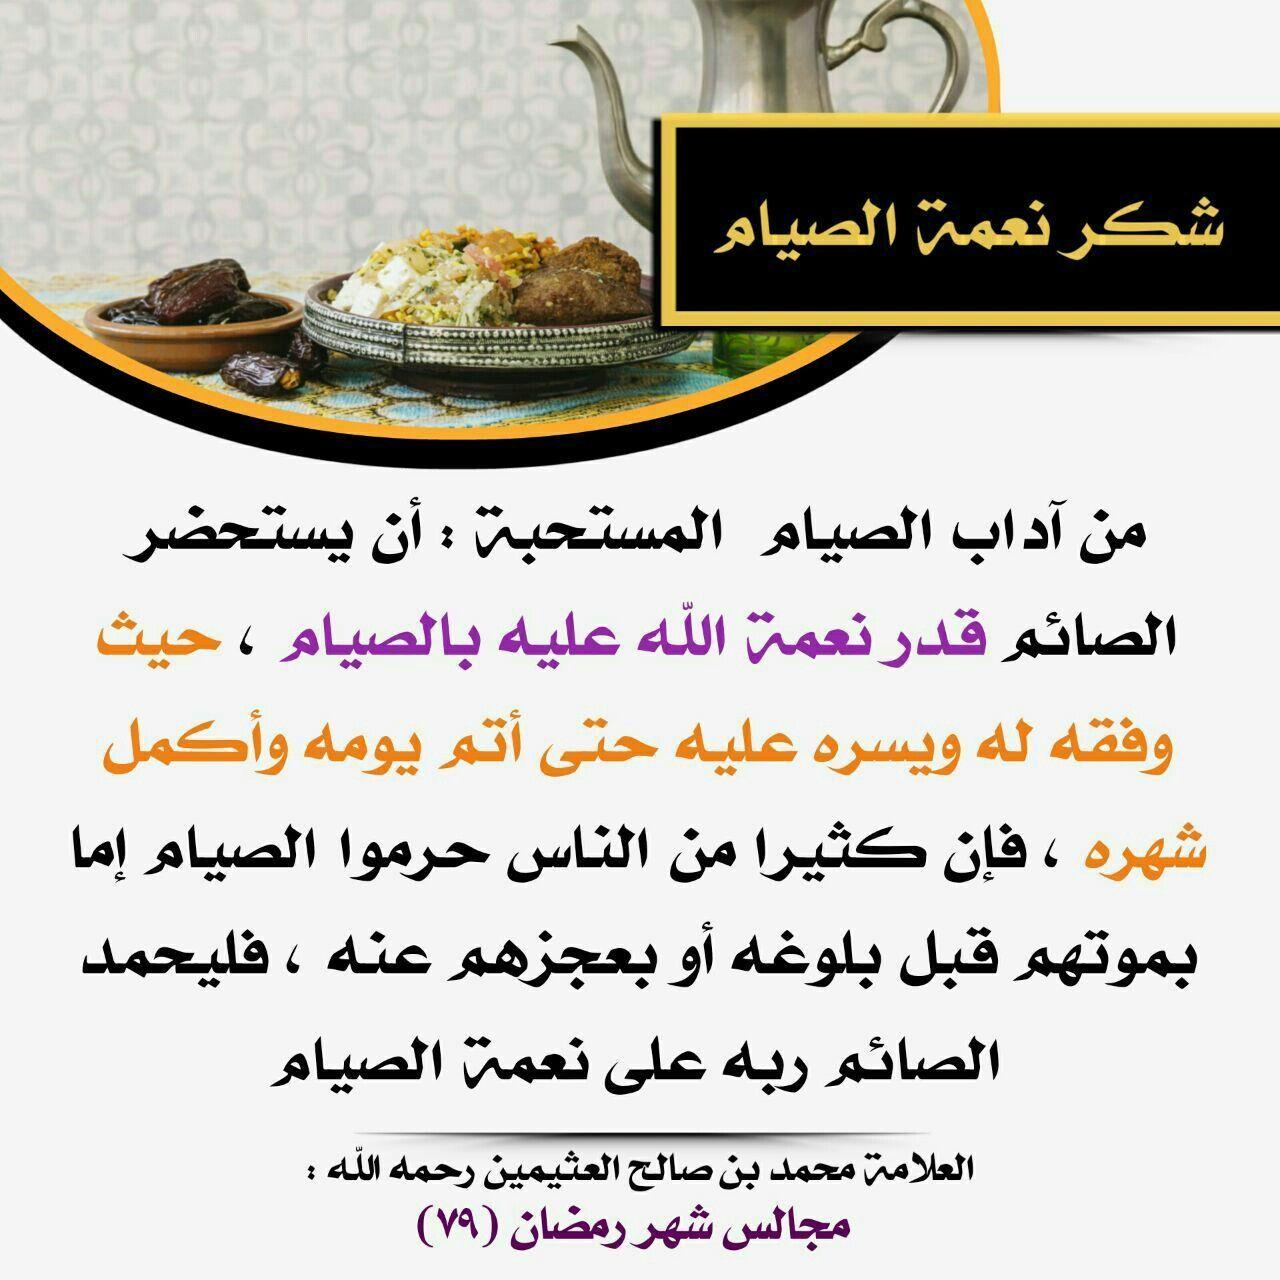 لوحة إنجازات صيام رمضان Learning